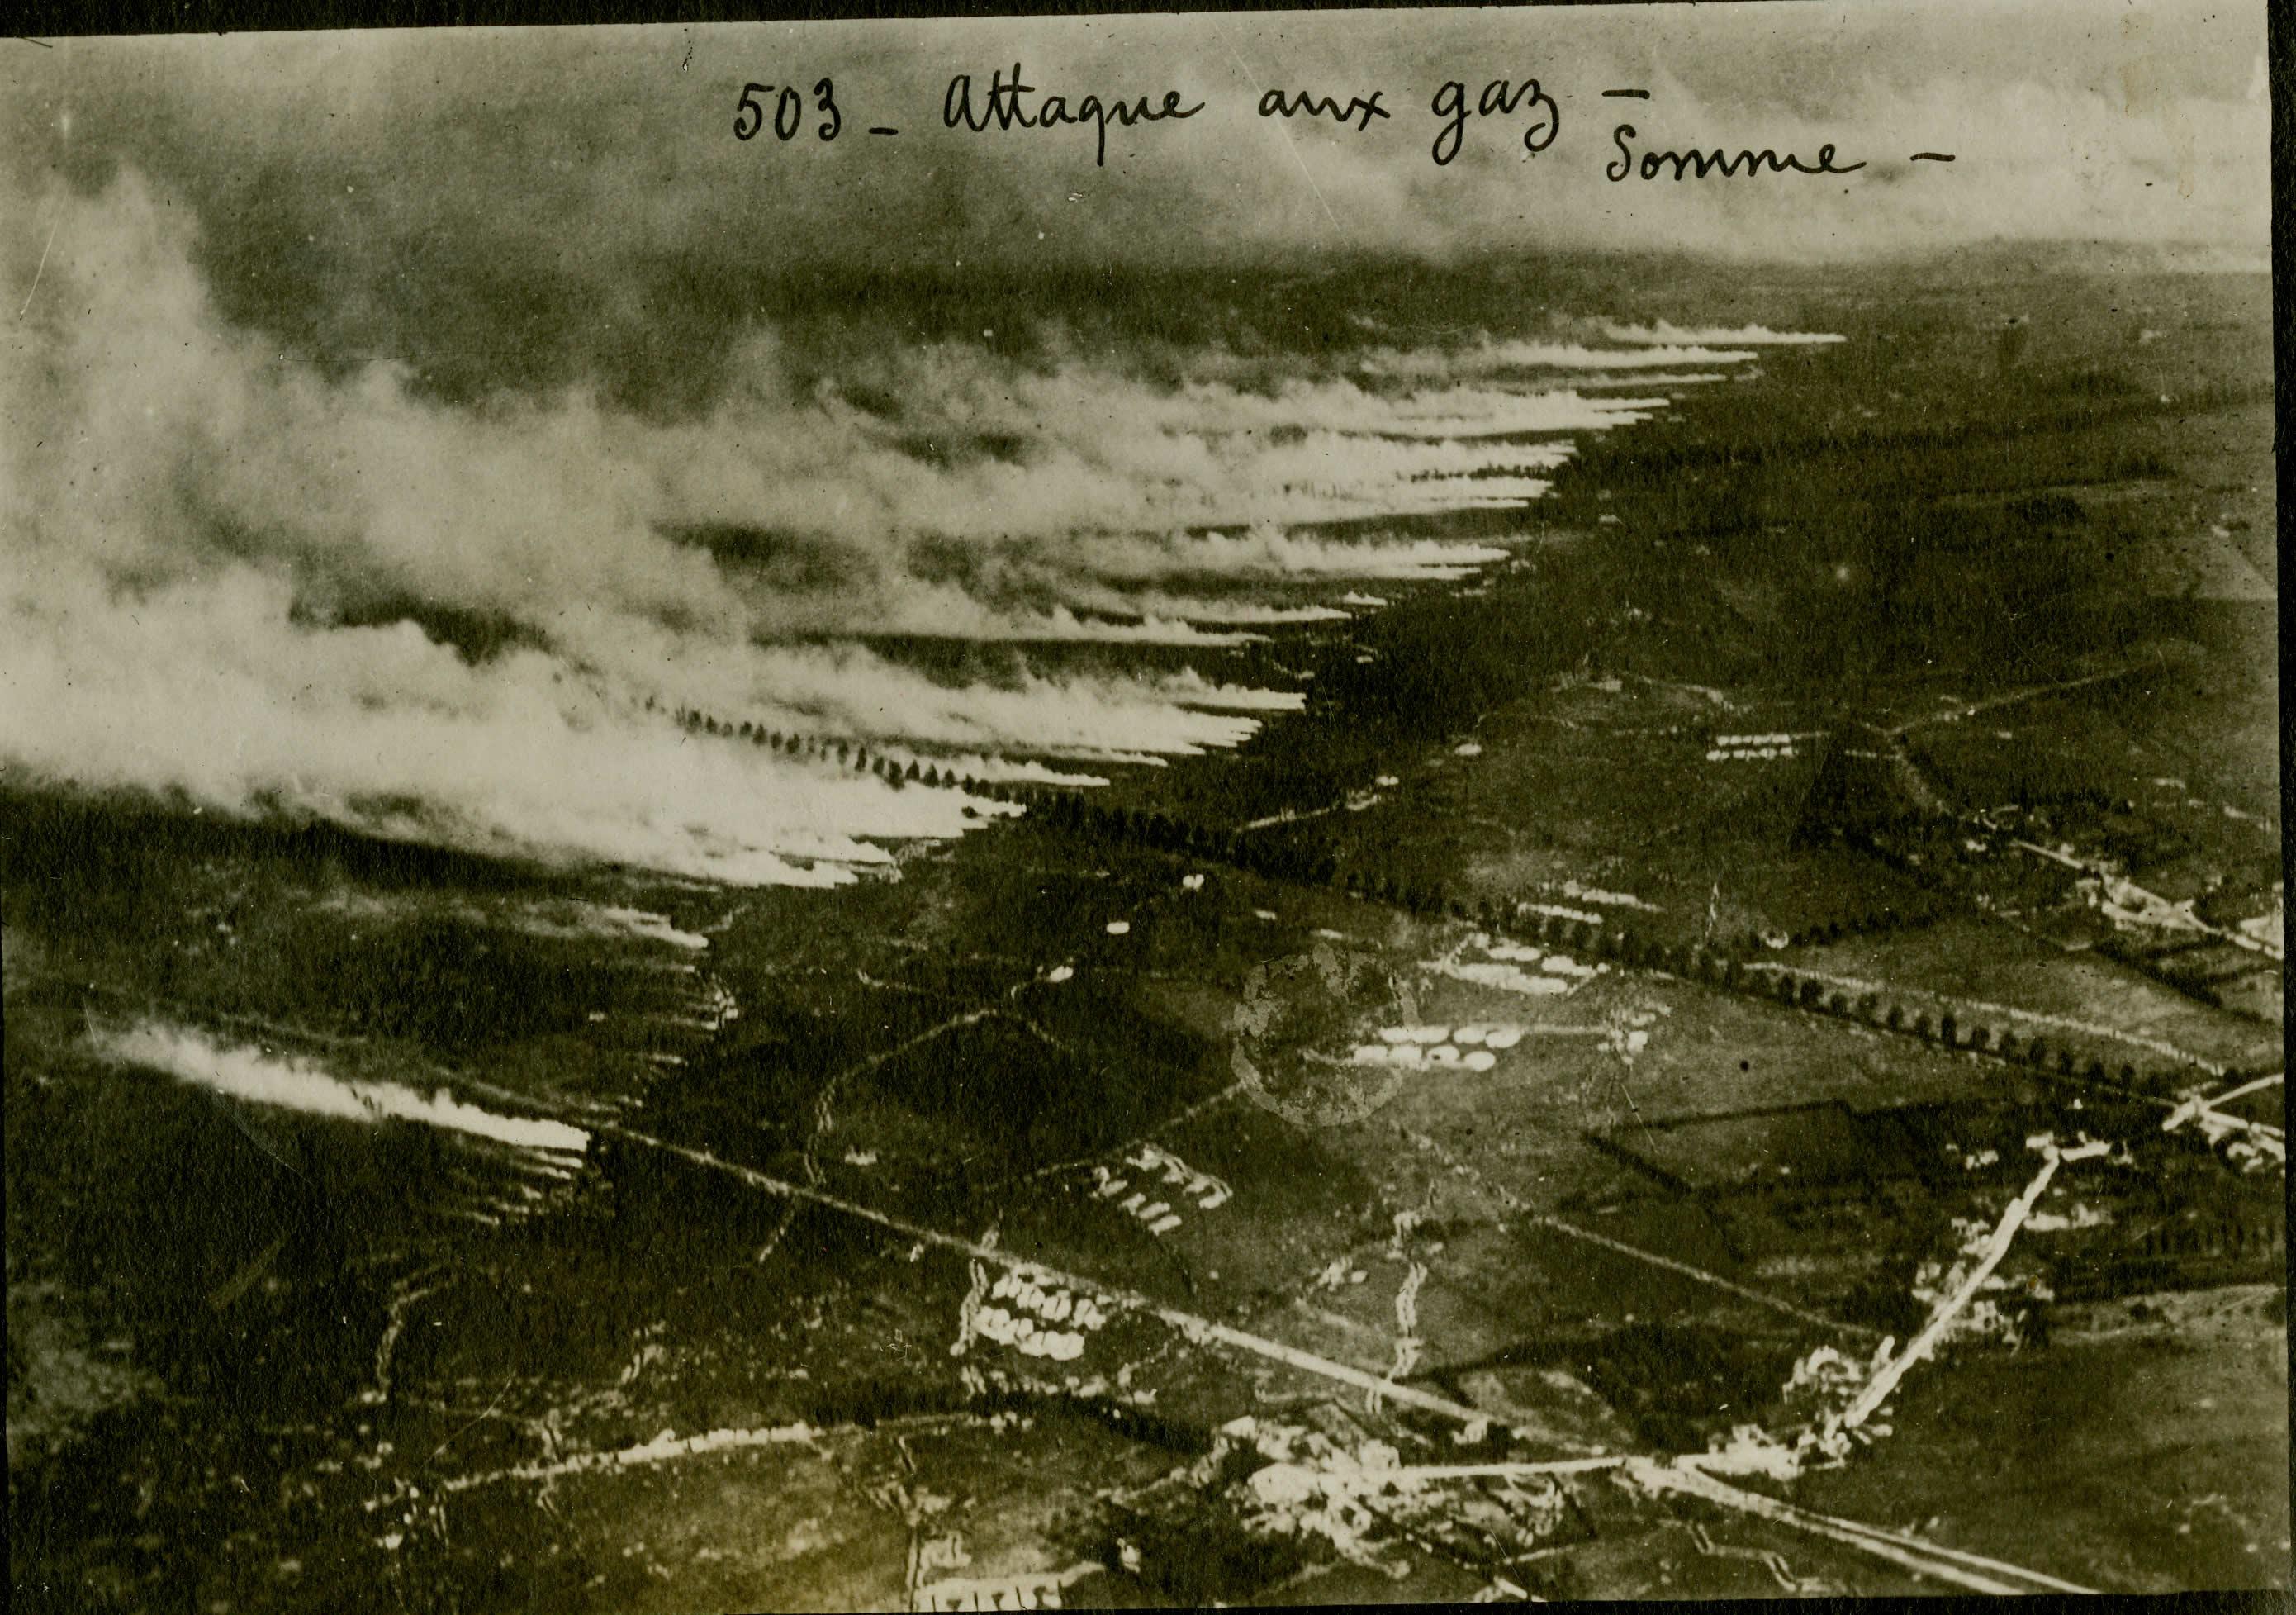 Attaque au gaz sur la Somme